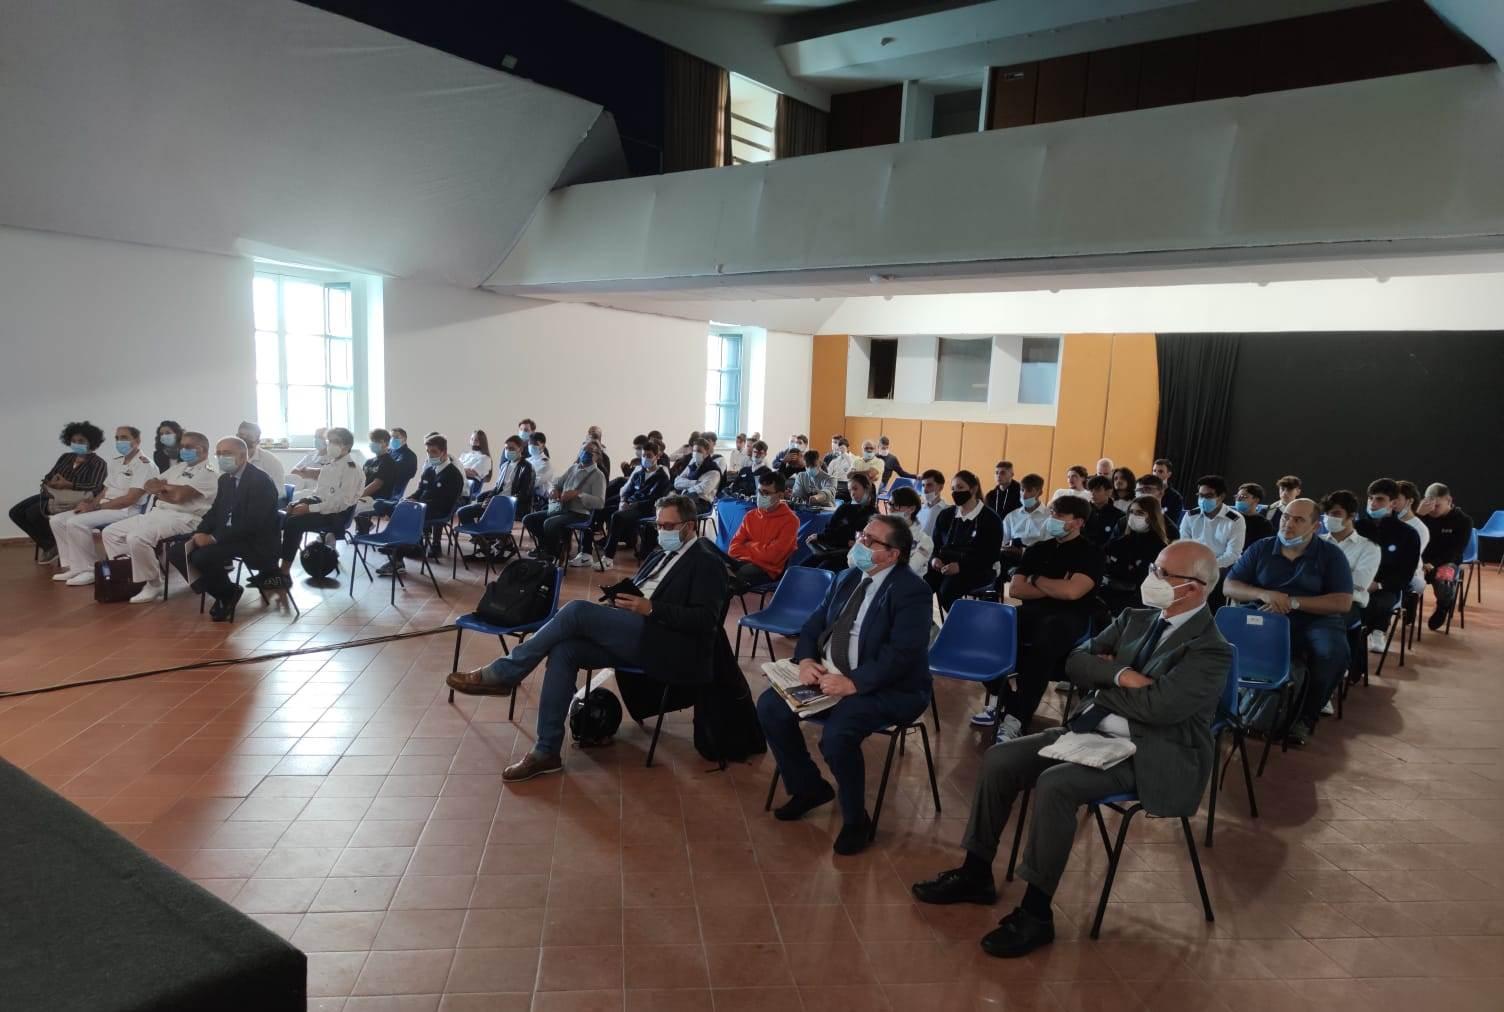 Digitalizzazione e crescita sostenibile dei porti al Naples Shipping Week